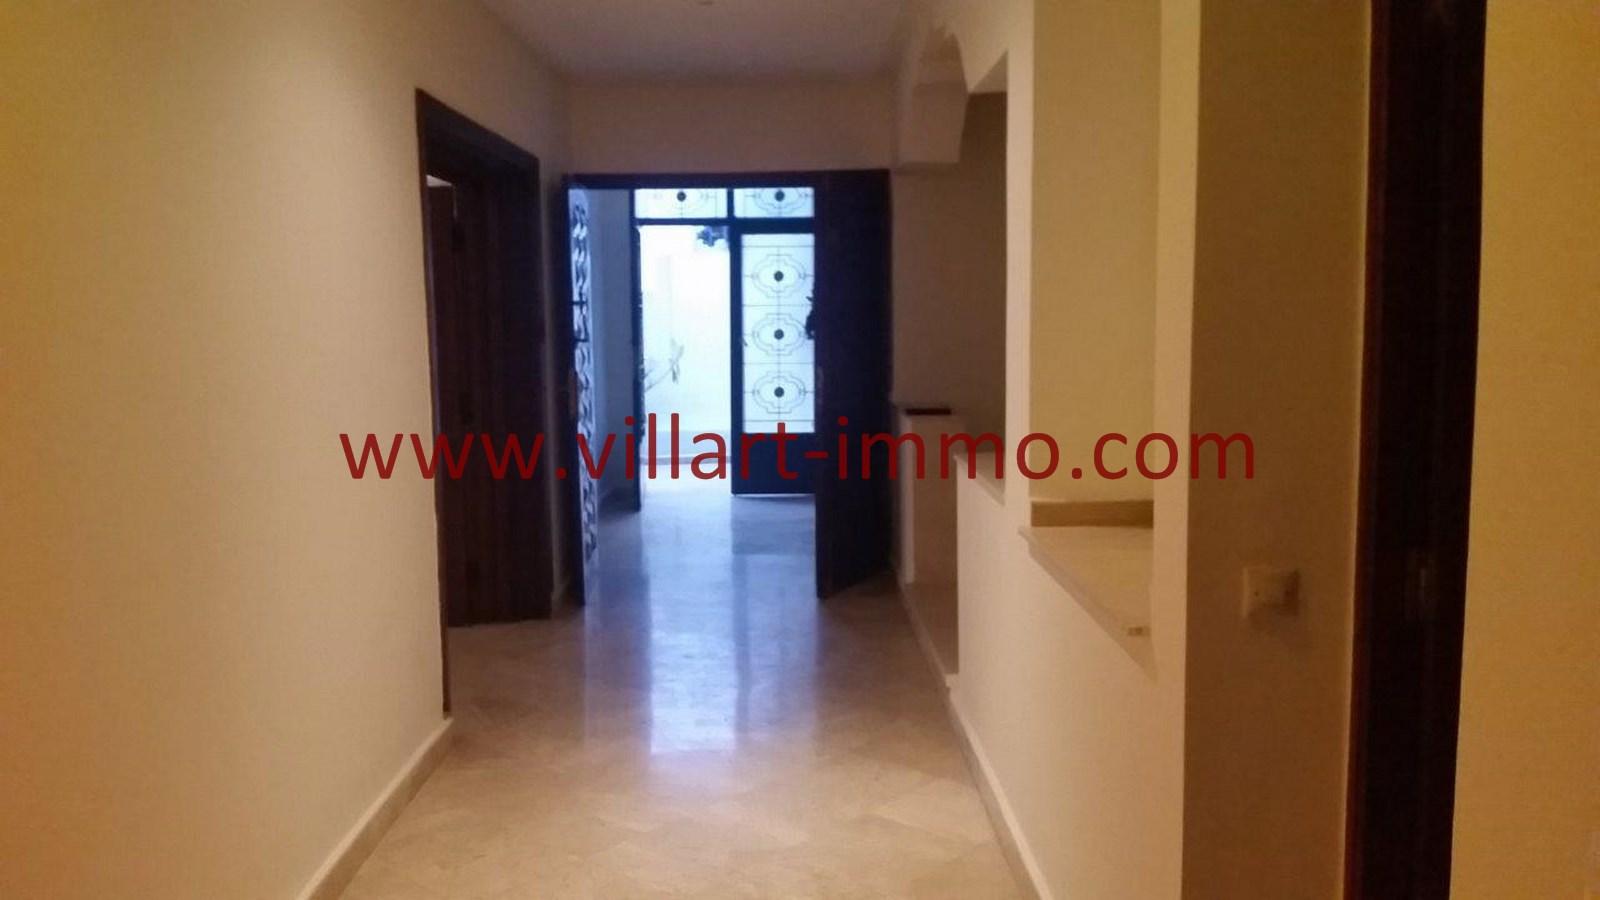 4-a-louer-villa-non-meublee-tanger-couloir-lv901-villart-immo